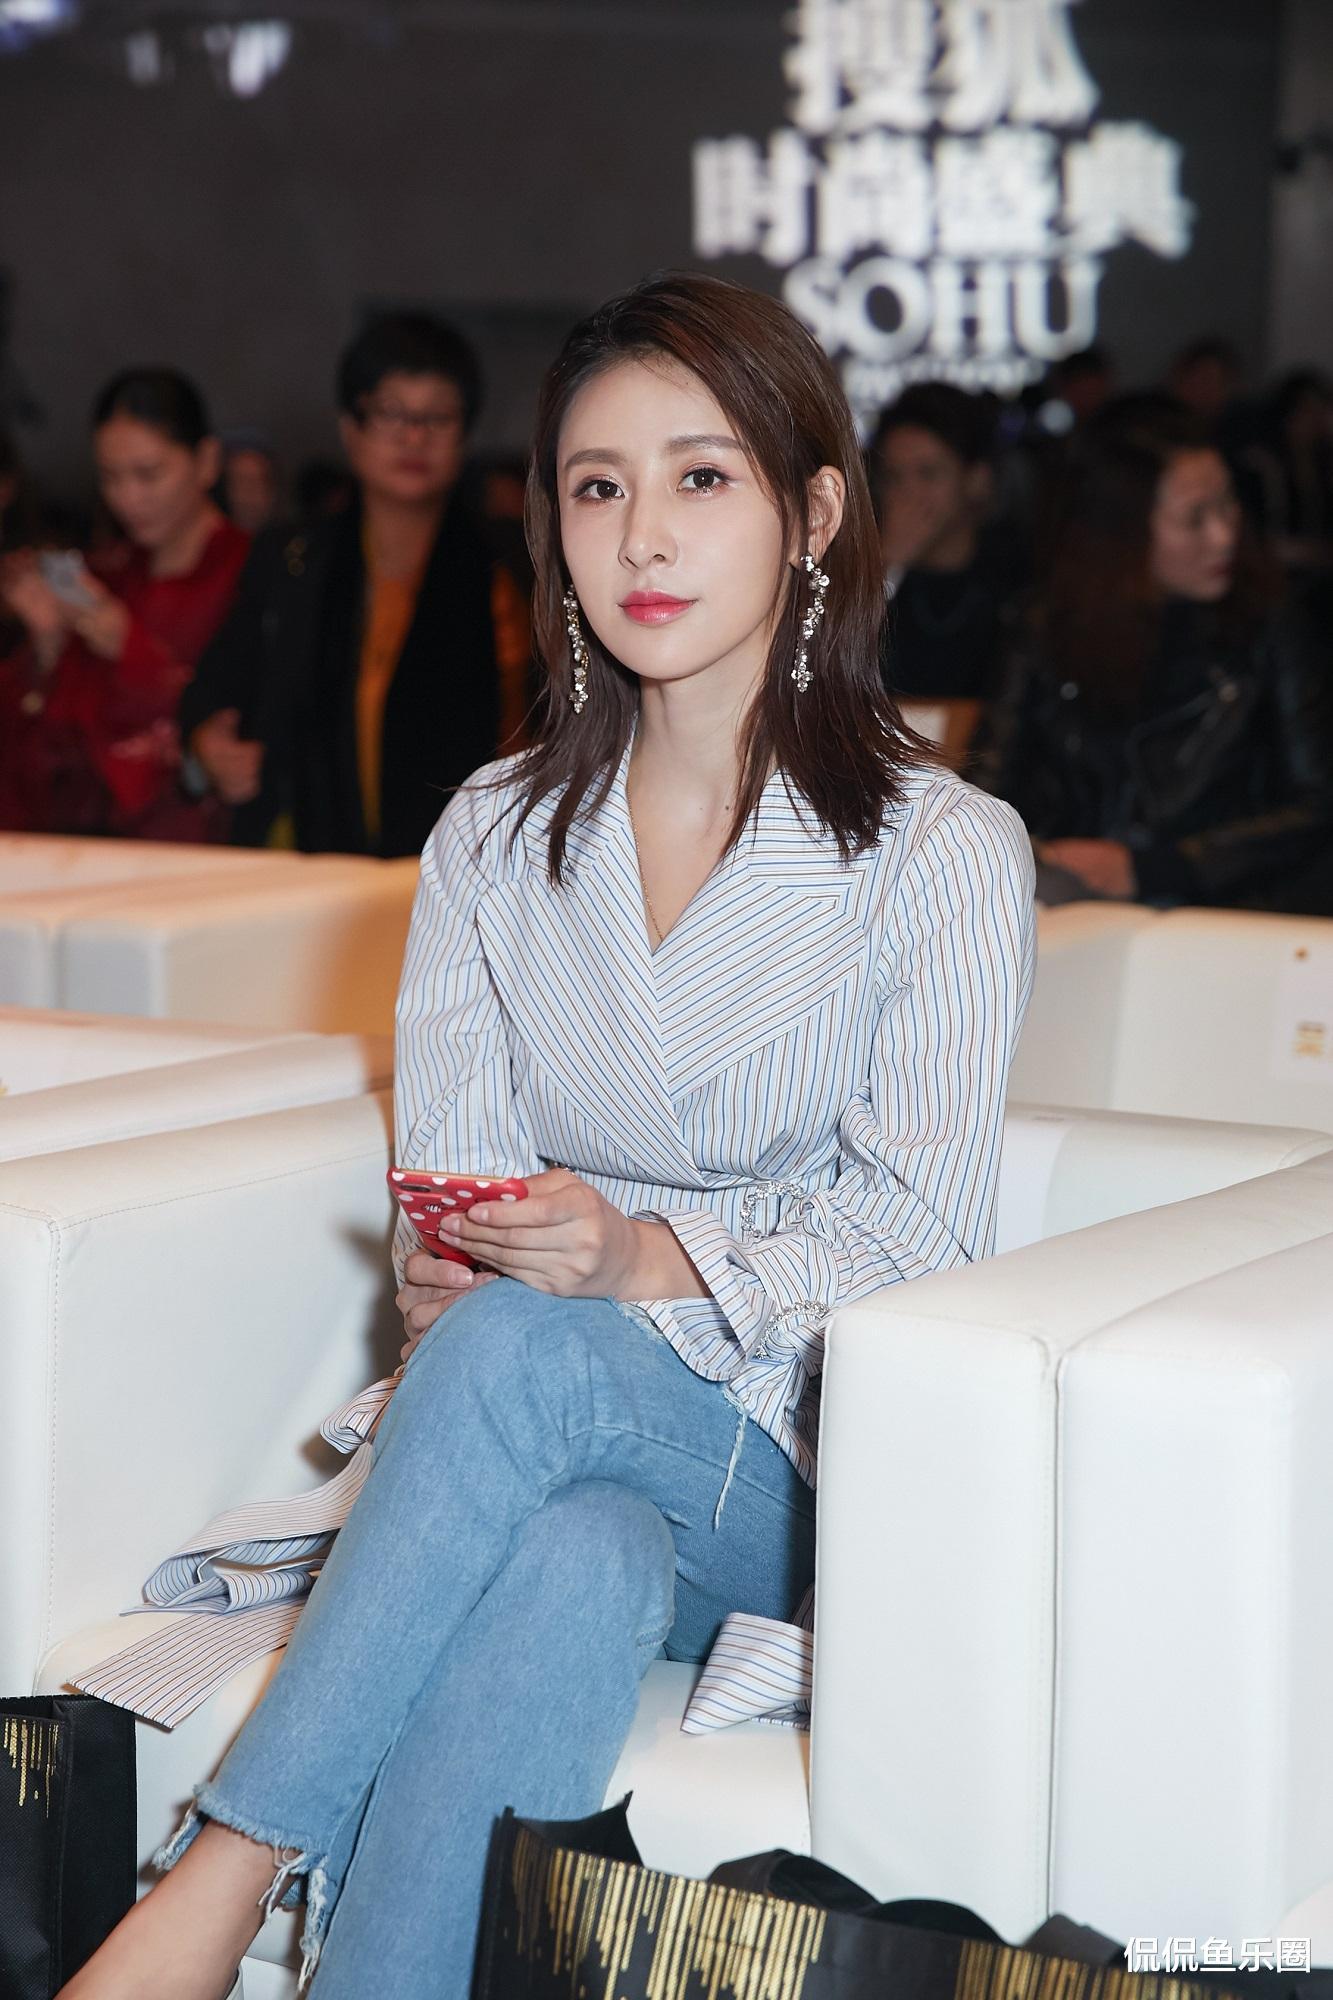 34歲賈青, 顏值姣好身材有料, 好身型讓無數女生羨慕-圖2